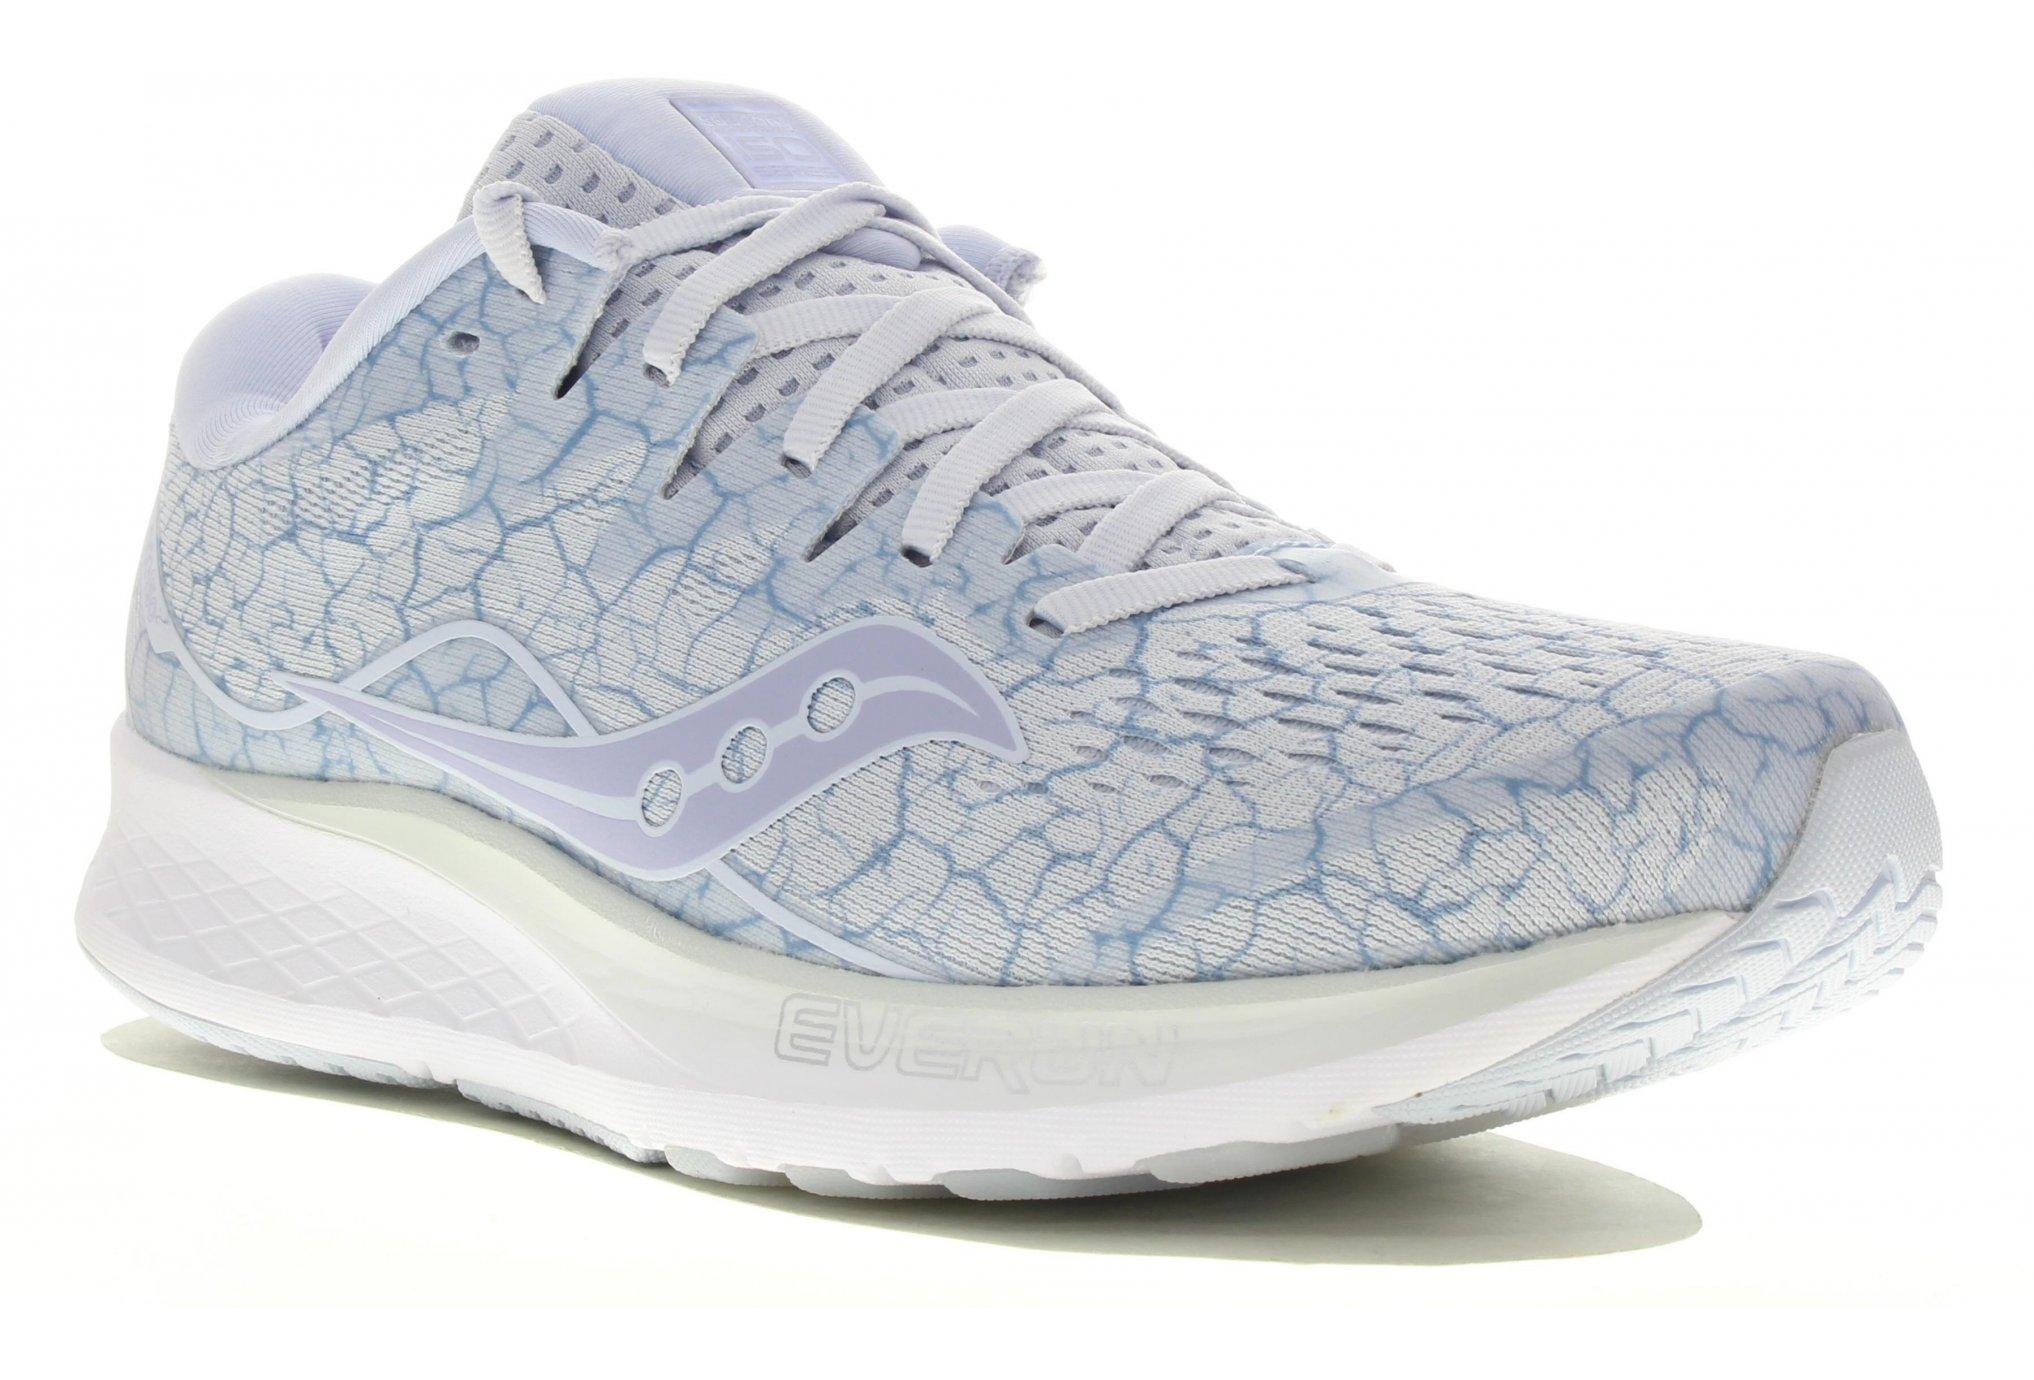 Saucony Ride ISO 2 W Diététique Chaussures femme